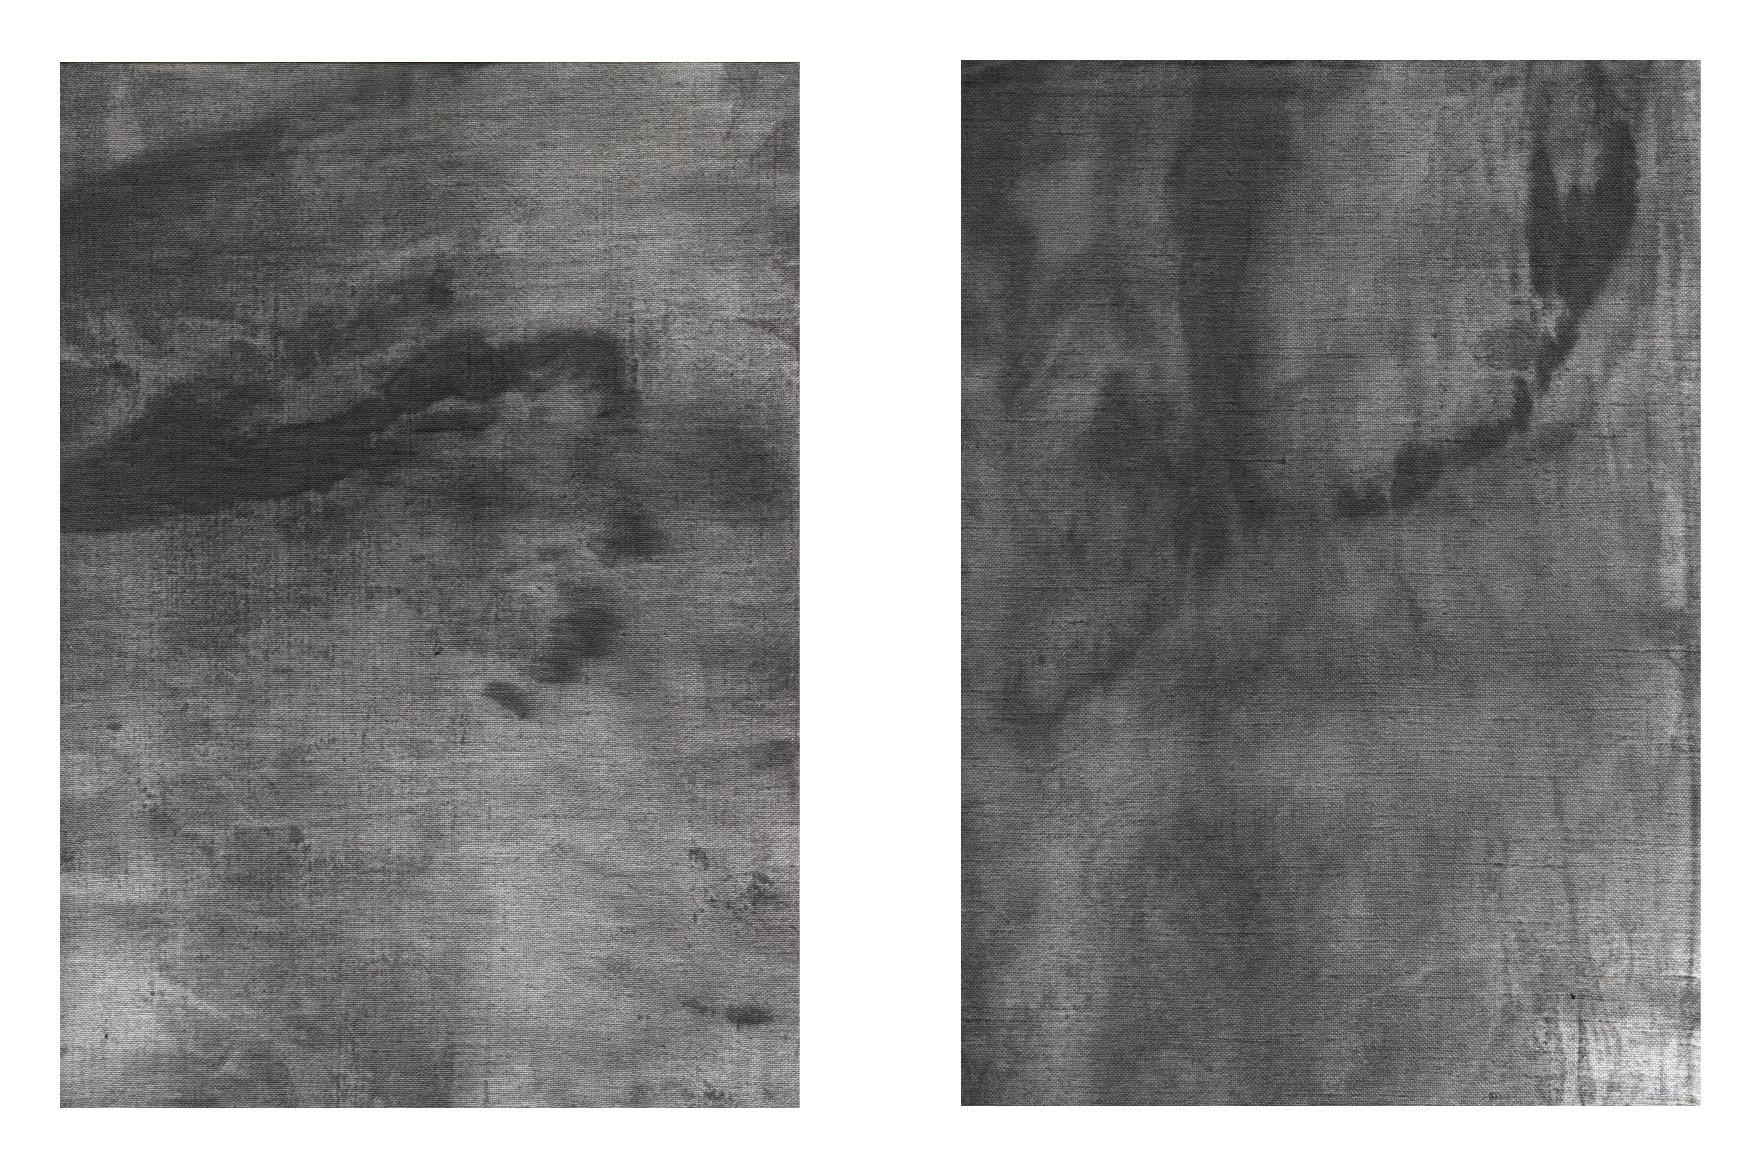 156款复古做旧折痕磨损褶皱纸张背景纹理素材合集 The Grunge Texture Bundle Vol. 1插图(13)